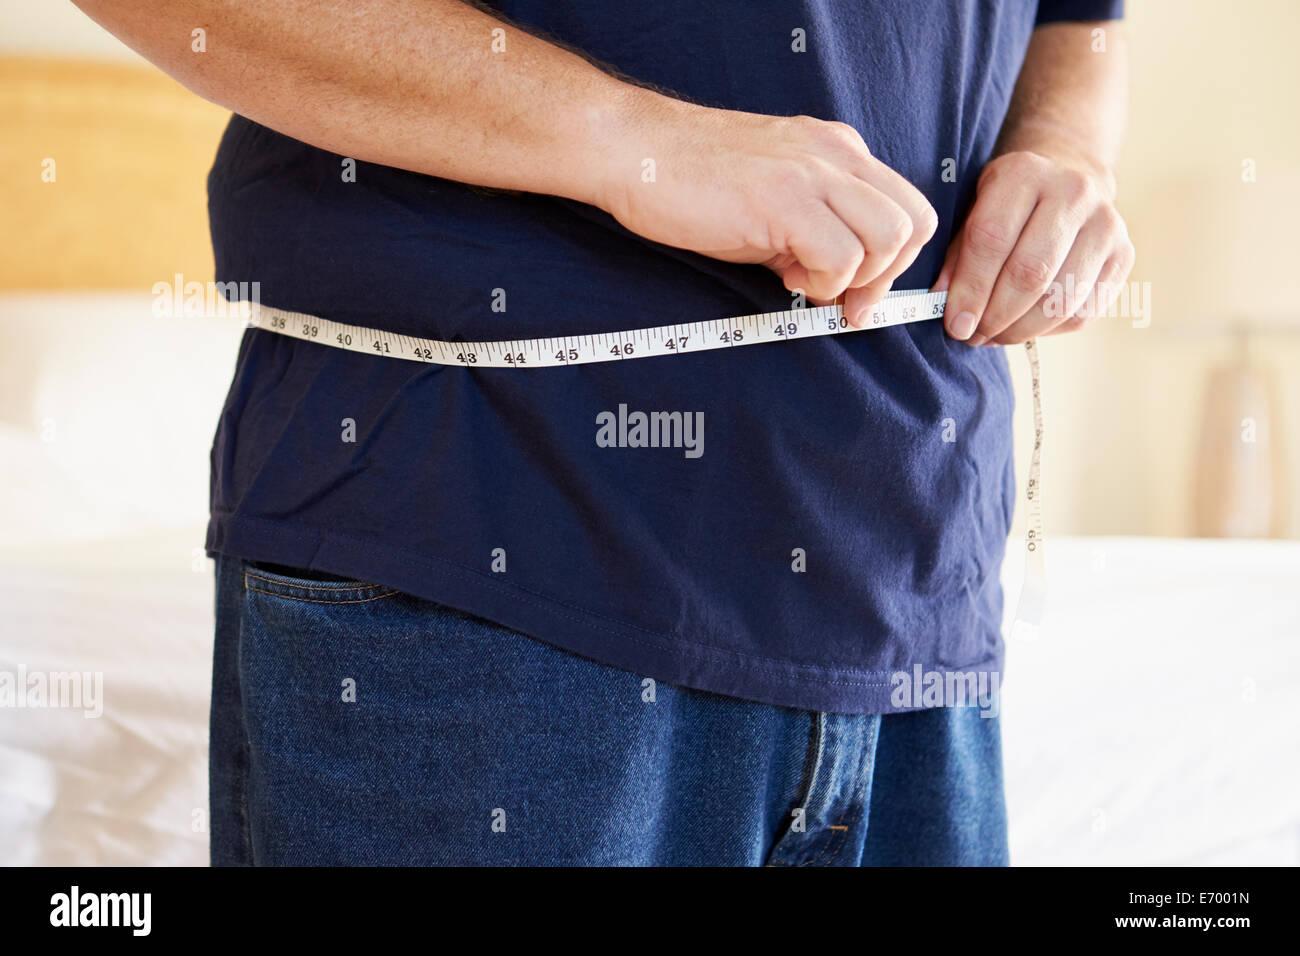 Nahaufnahme von übergewichtigen Mann messen Taille Stockbild